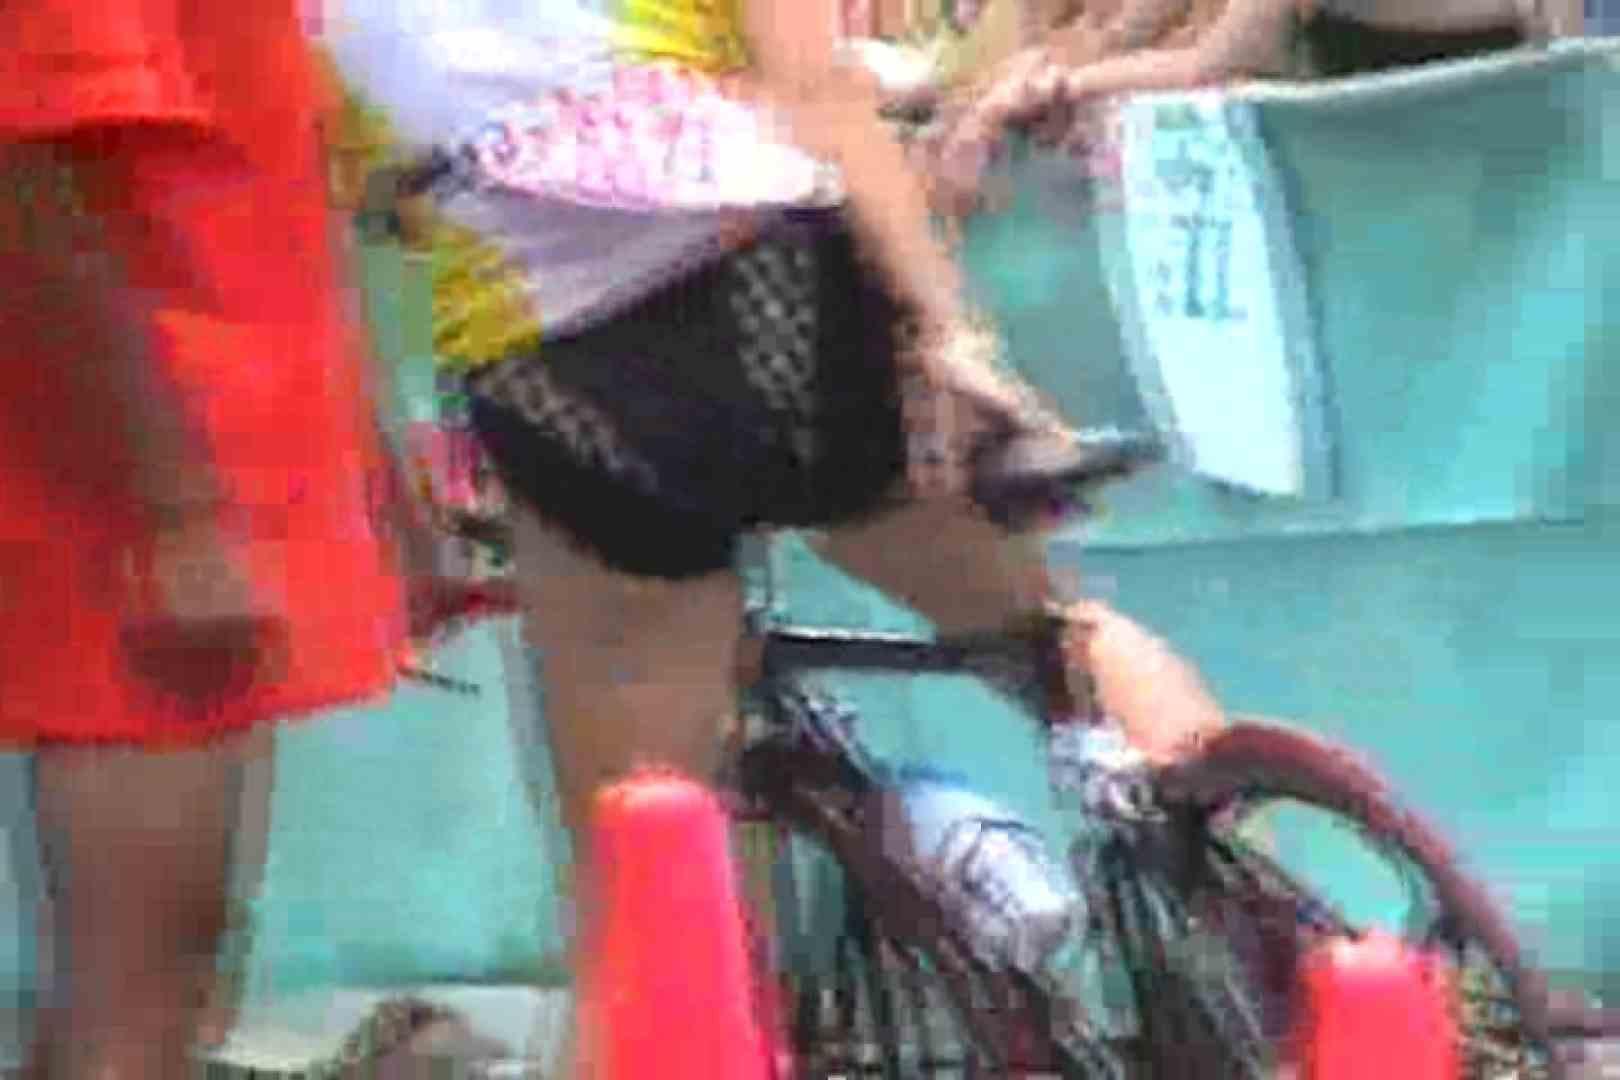 鉄人レース!!トライアスロンに挑む女性達!!Vol.4 乳首 | 貧乳  76PIX 28